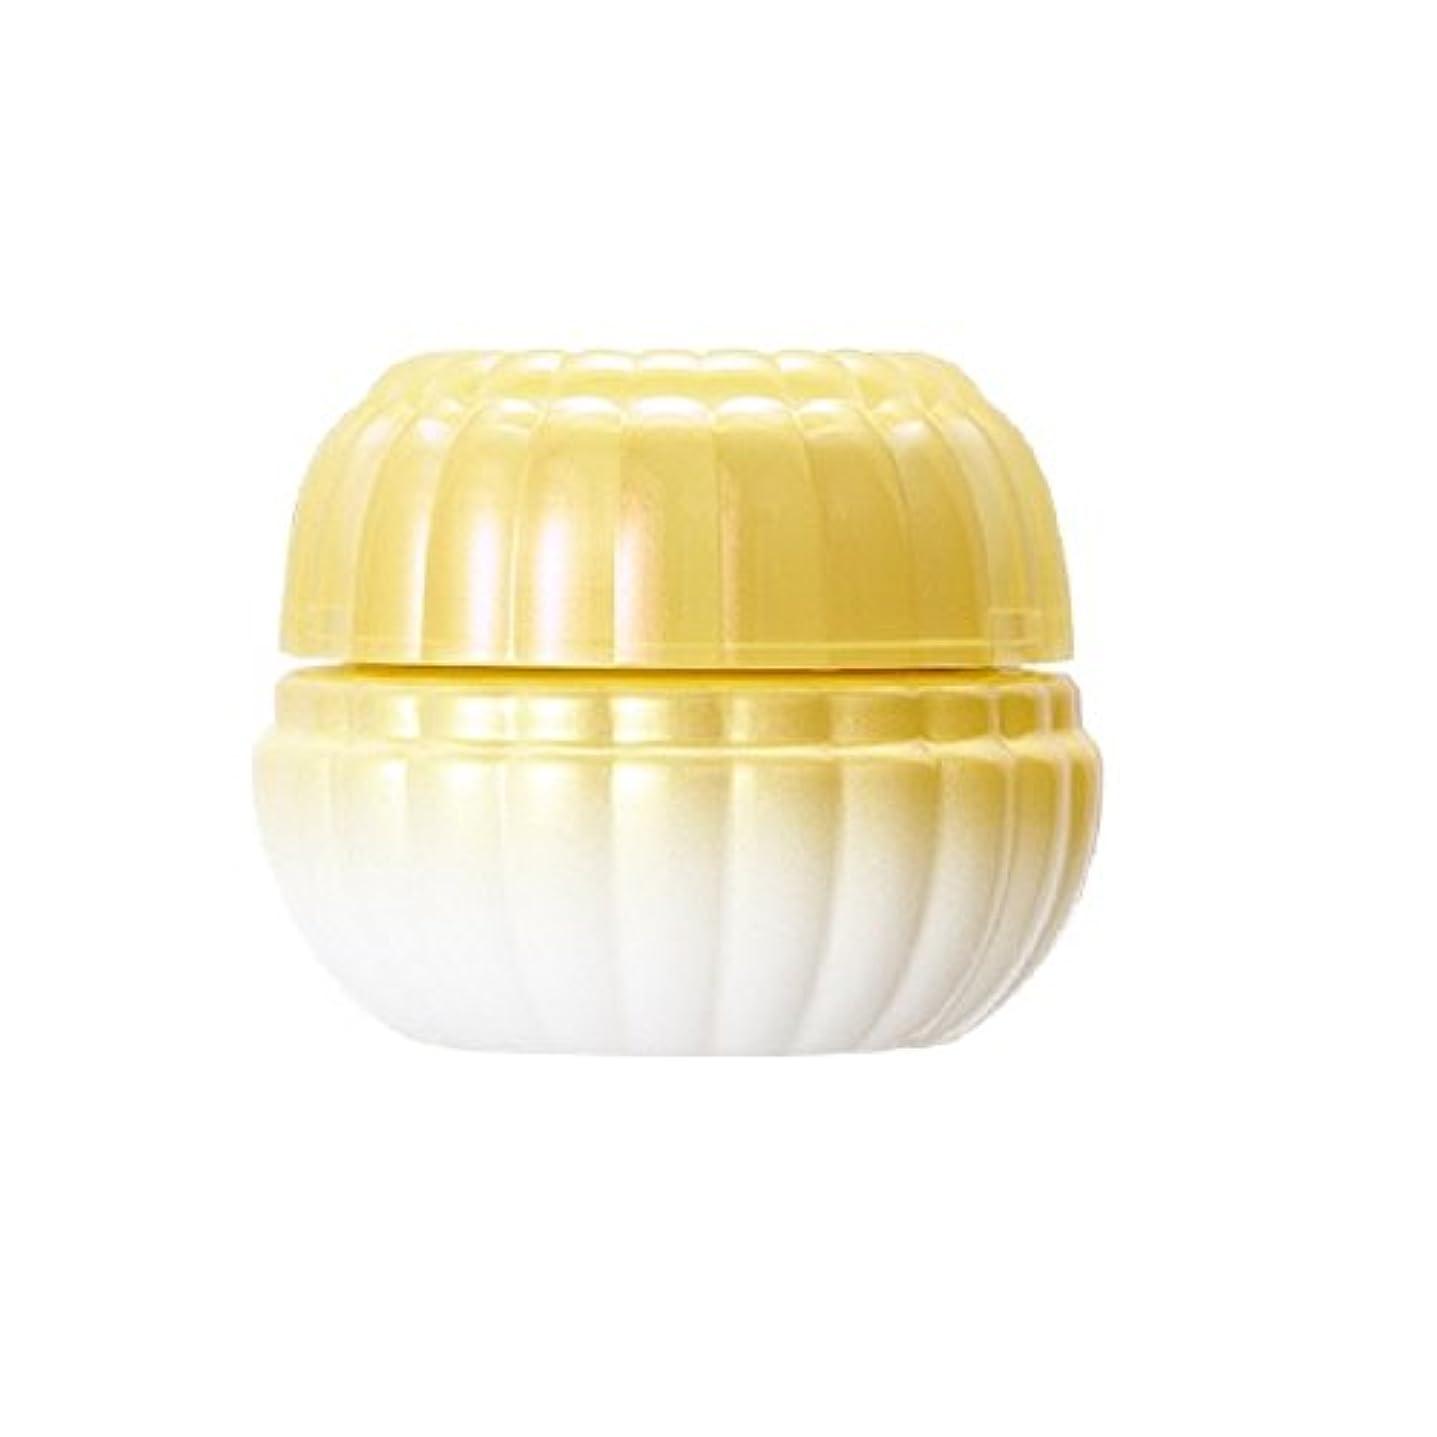 挑むペレット男やもめアユーラ (AYURA) モイストパワライズクリーム (医薬部外品) 28g 〈美白クリーム〉